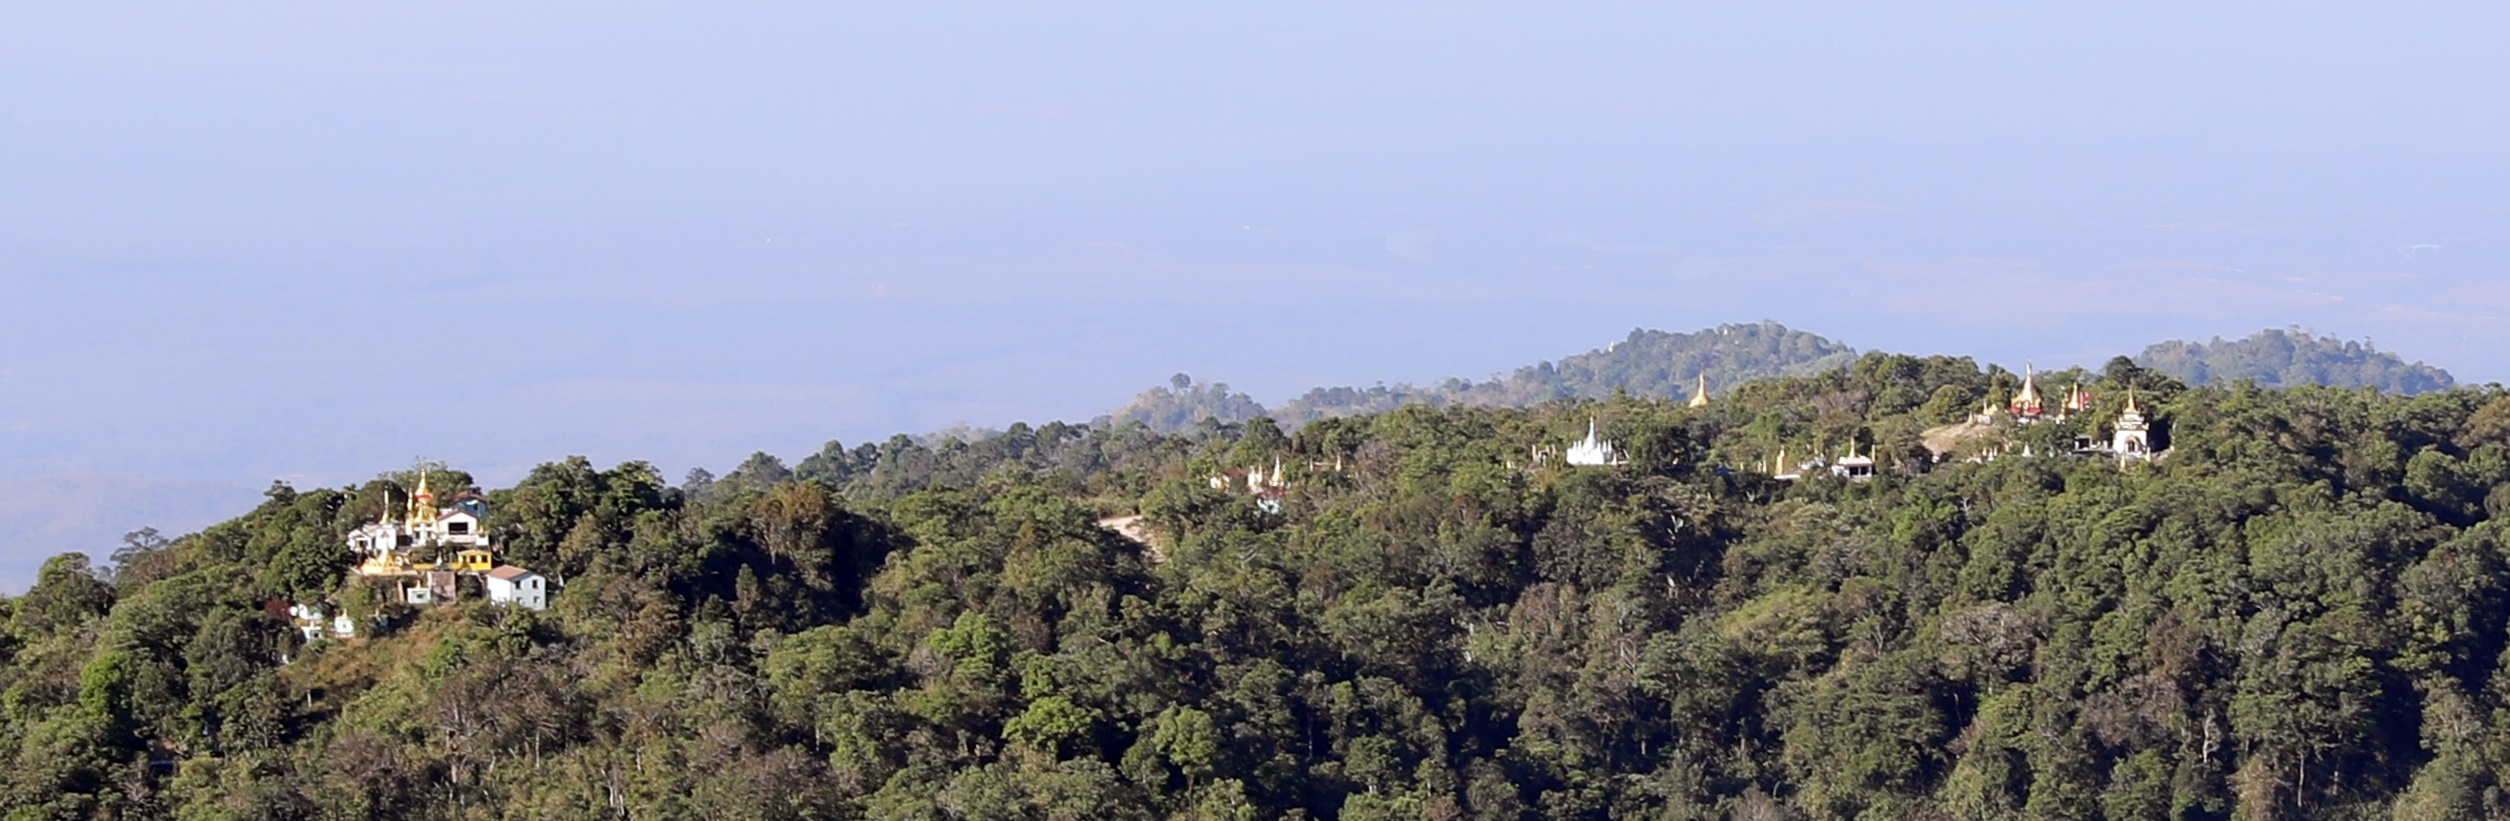 Stupas on mountaintops